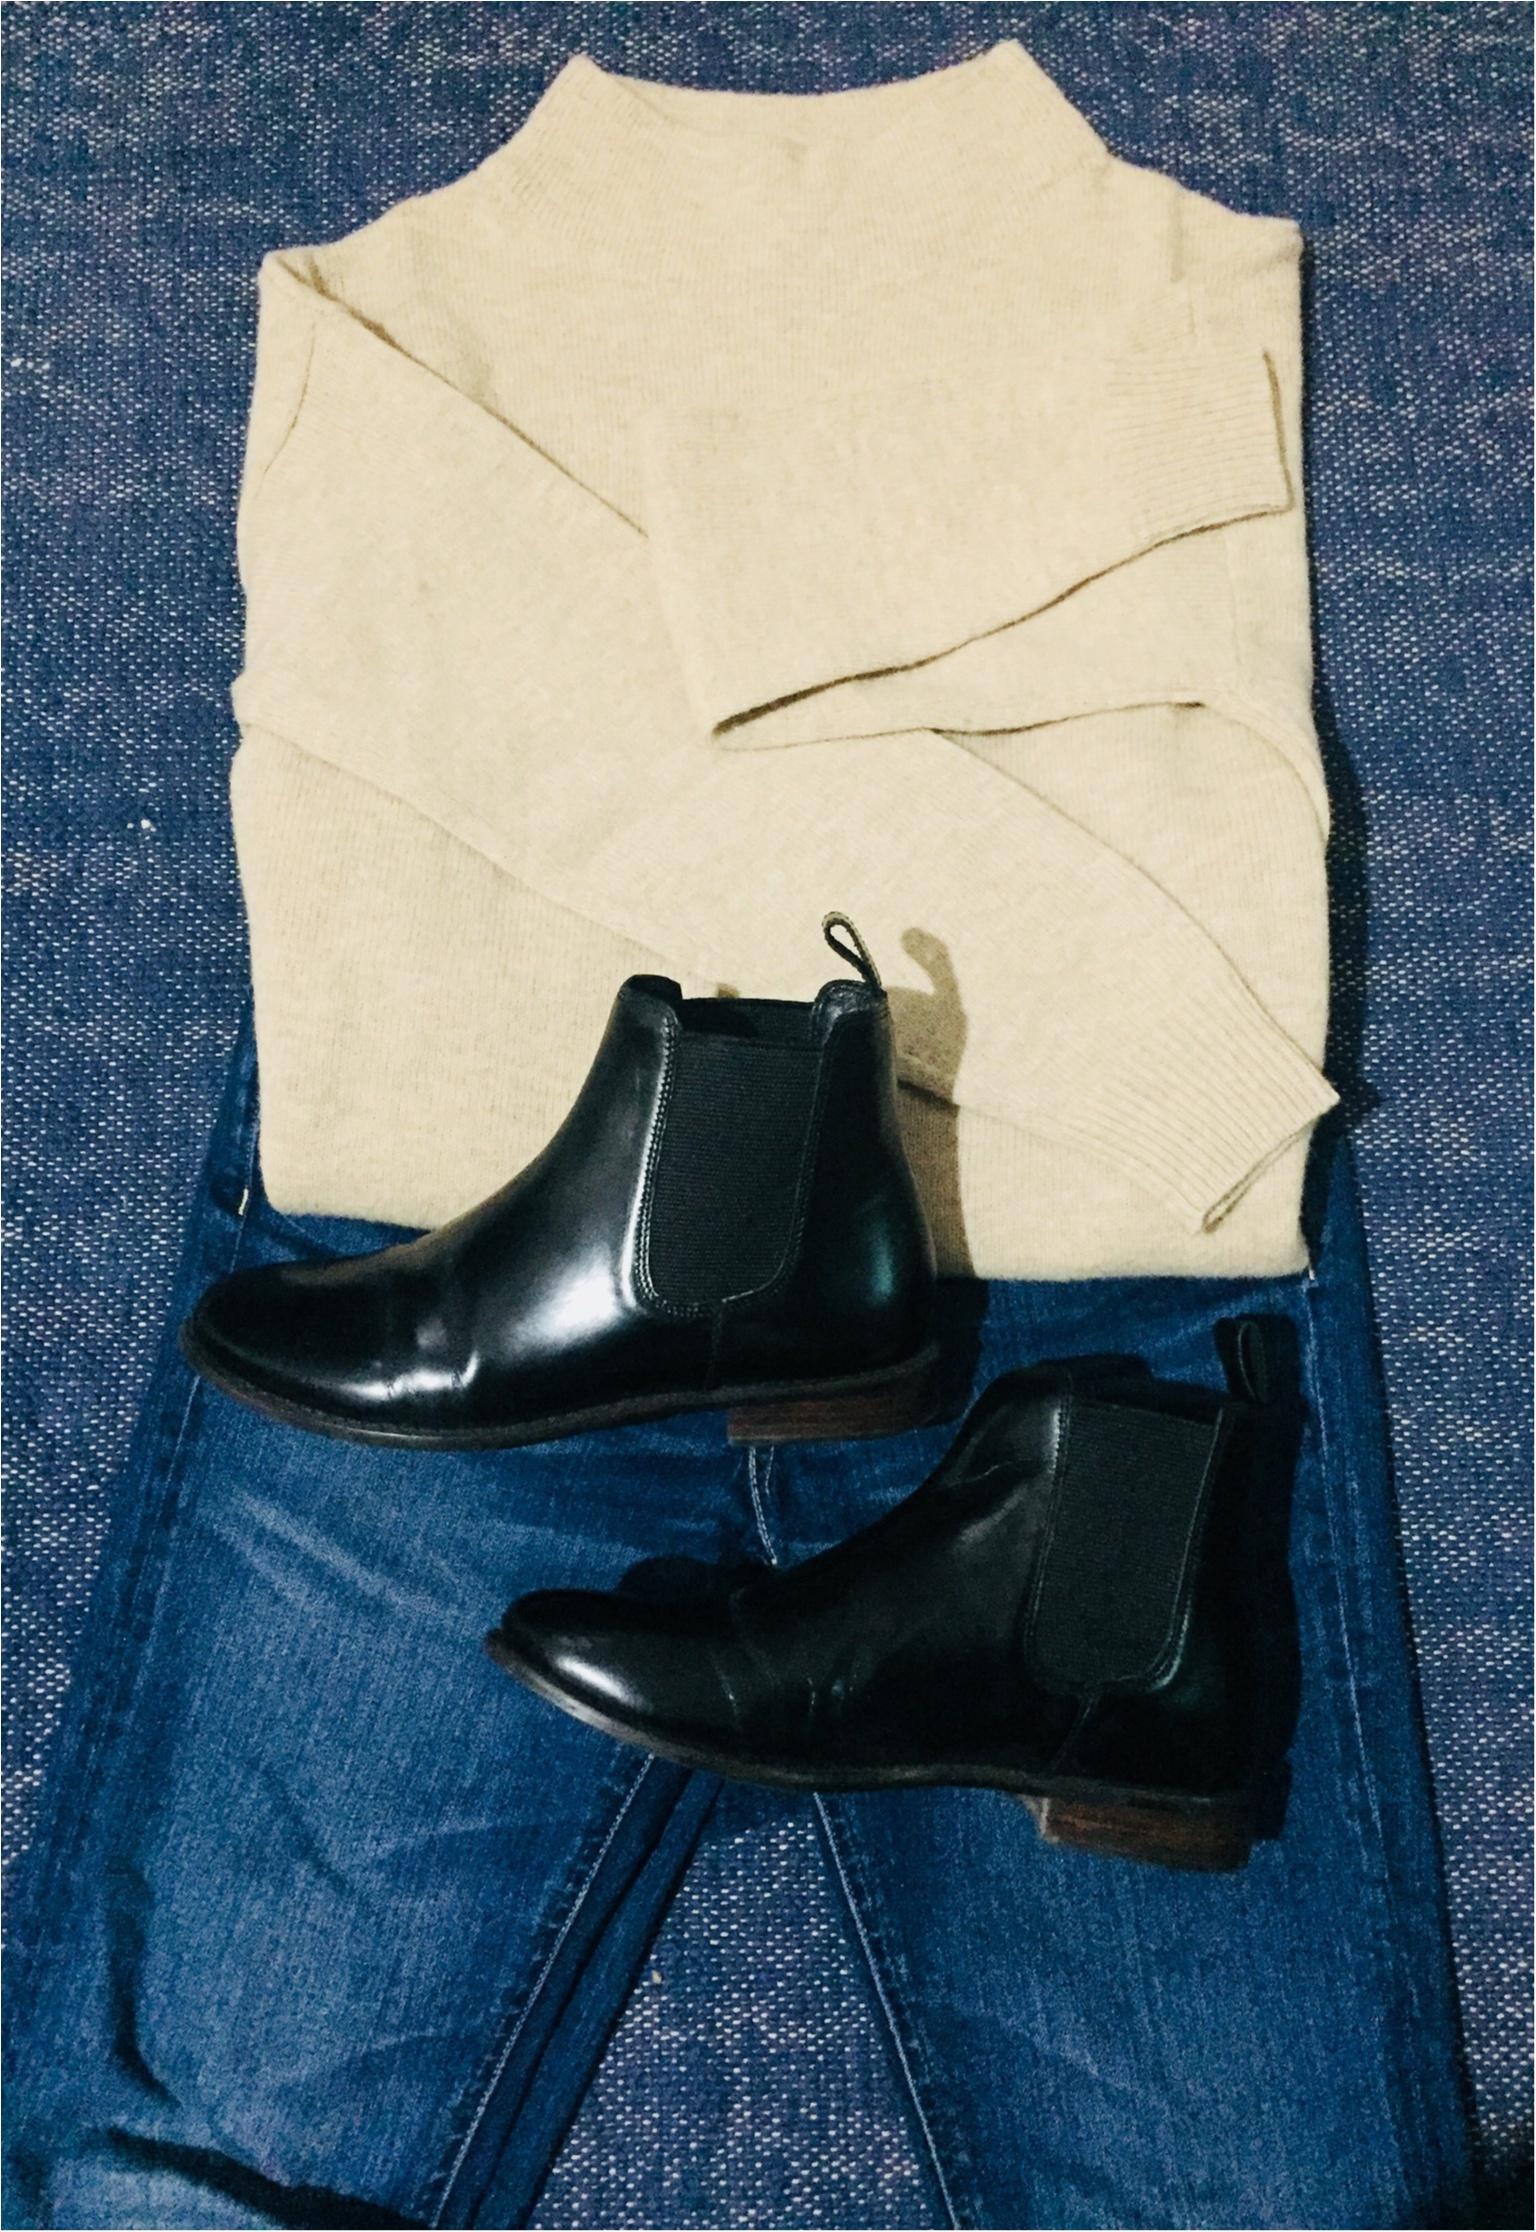 【UNIQLO de お買い物❤︎】寒い冬の気分を上げる!形がキレイ&明るい色のニットを買い足しました✌︎_5